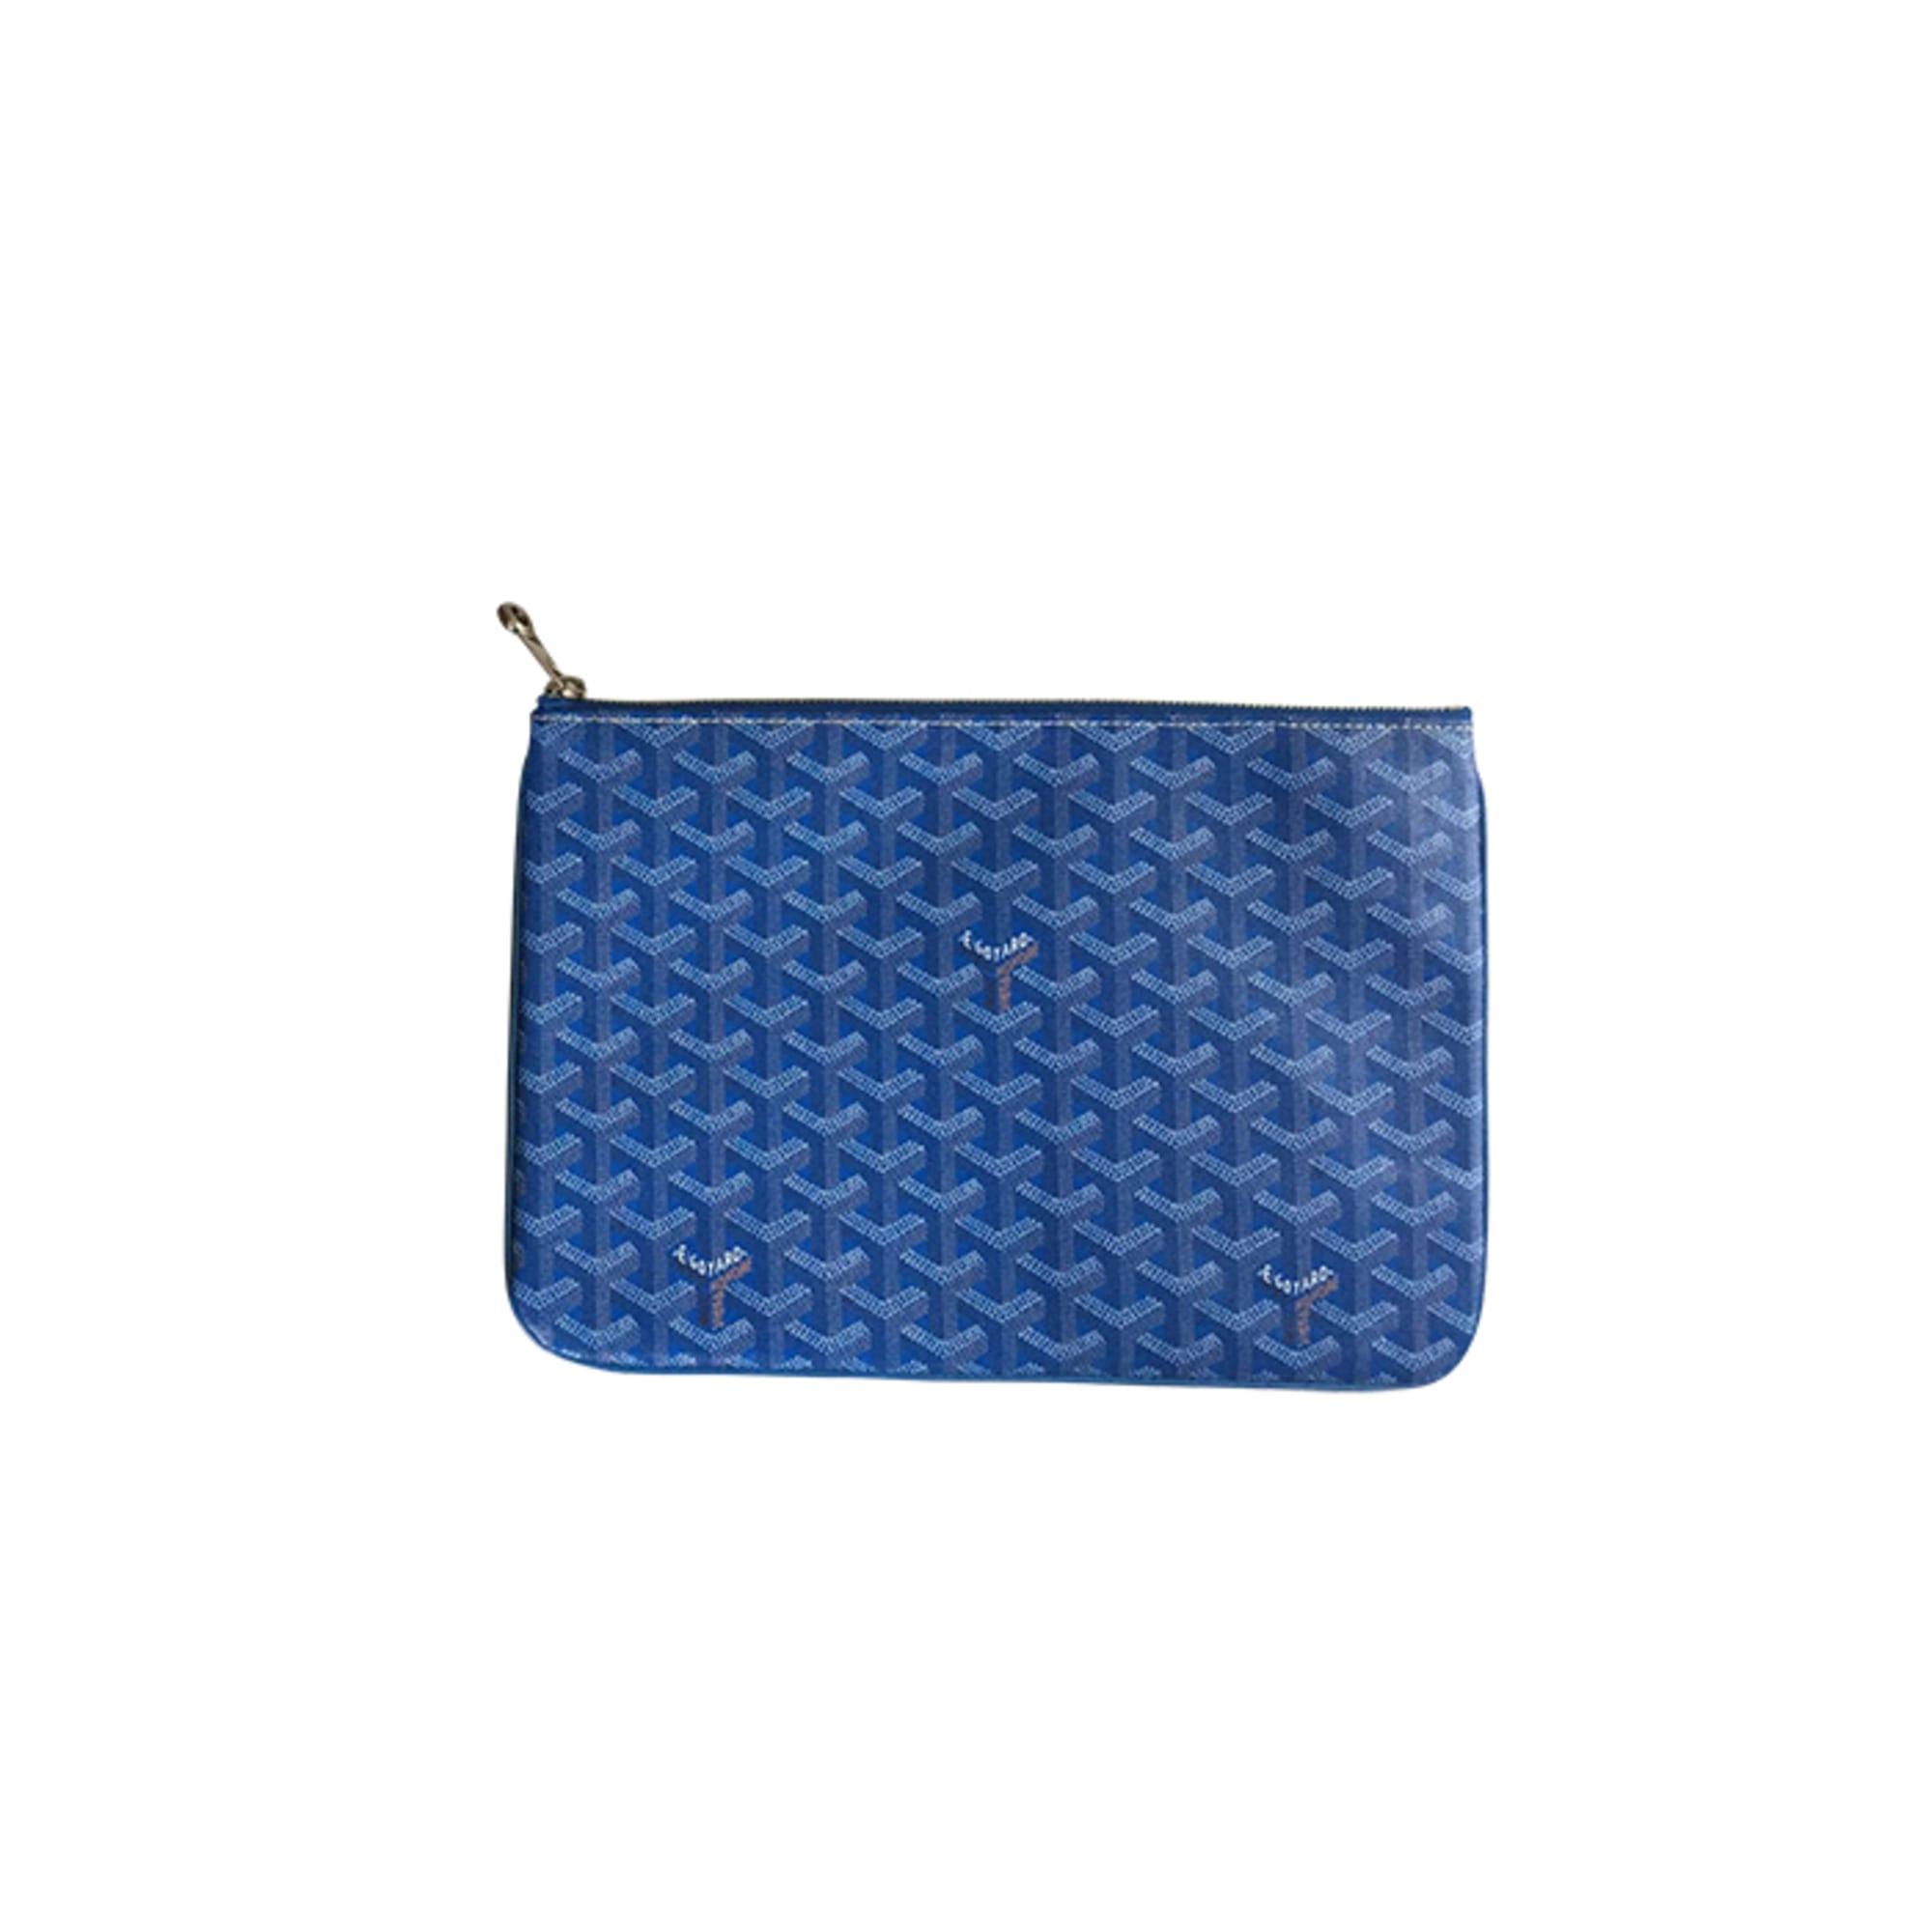 Bleu Par Vendu Dressing 3935840 Pochette Goyard Le Luxe Vide qgUt1P